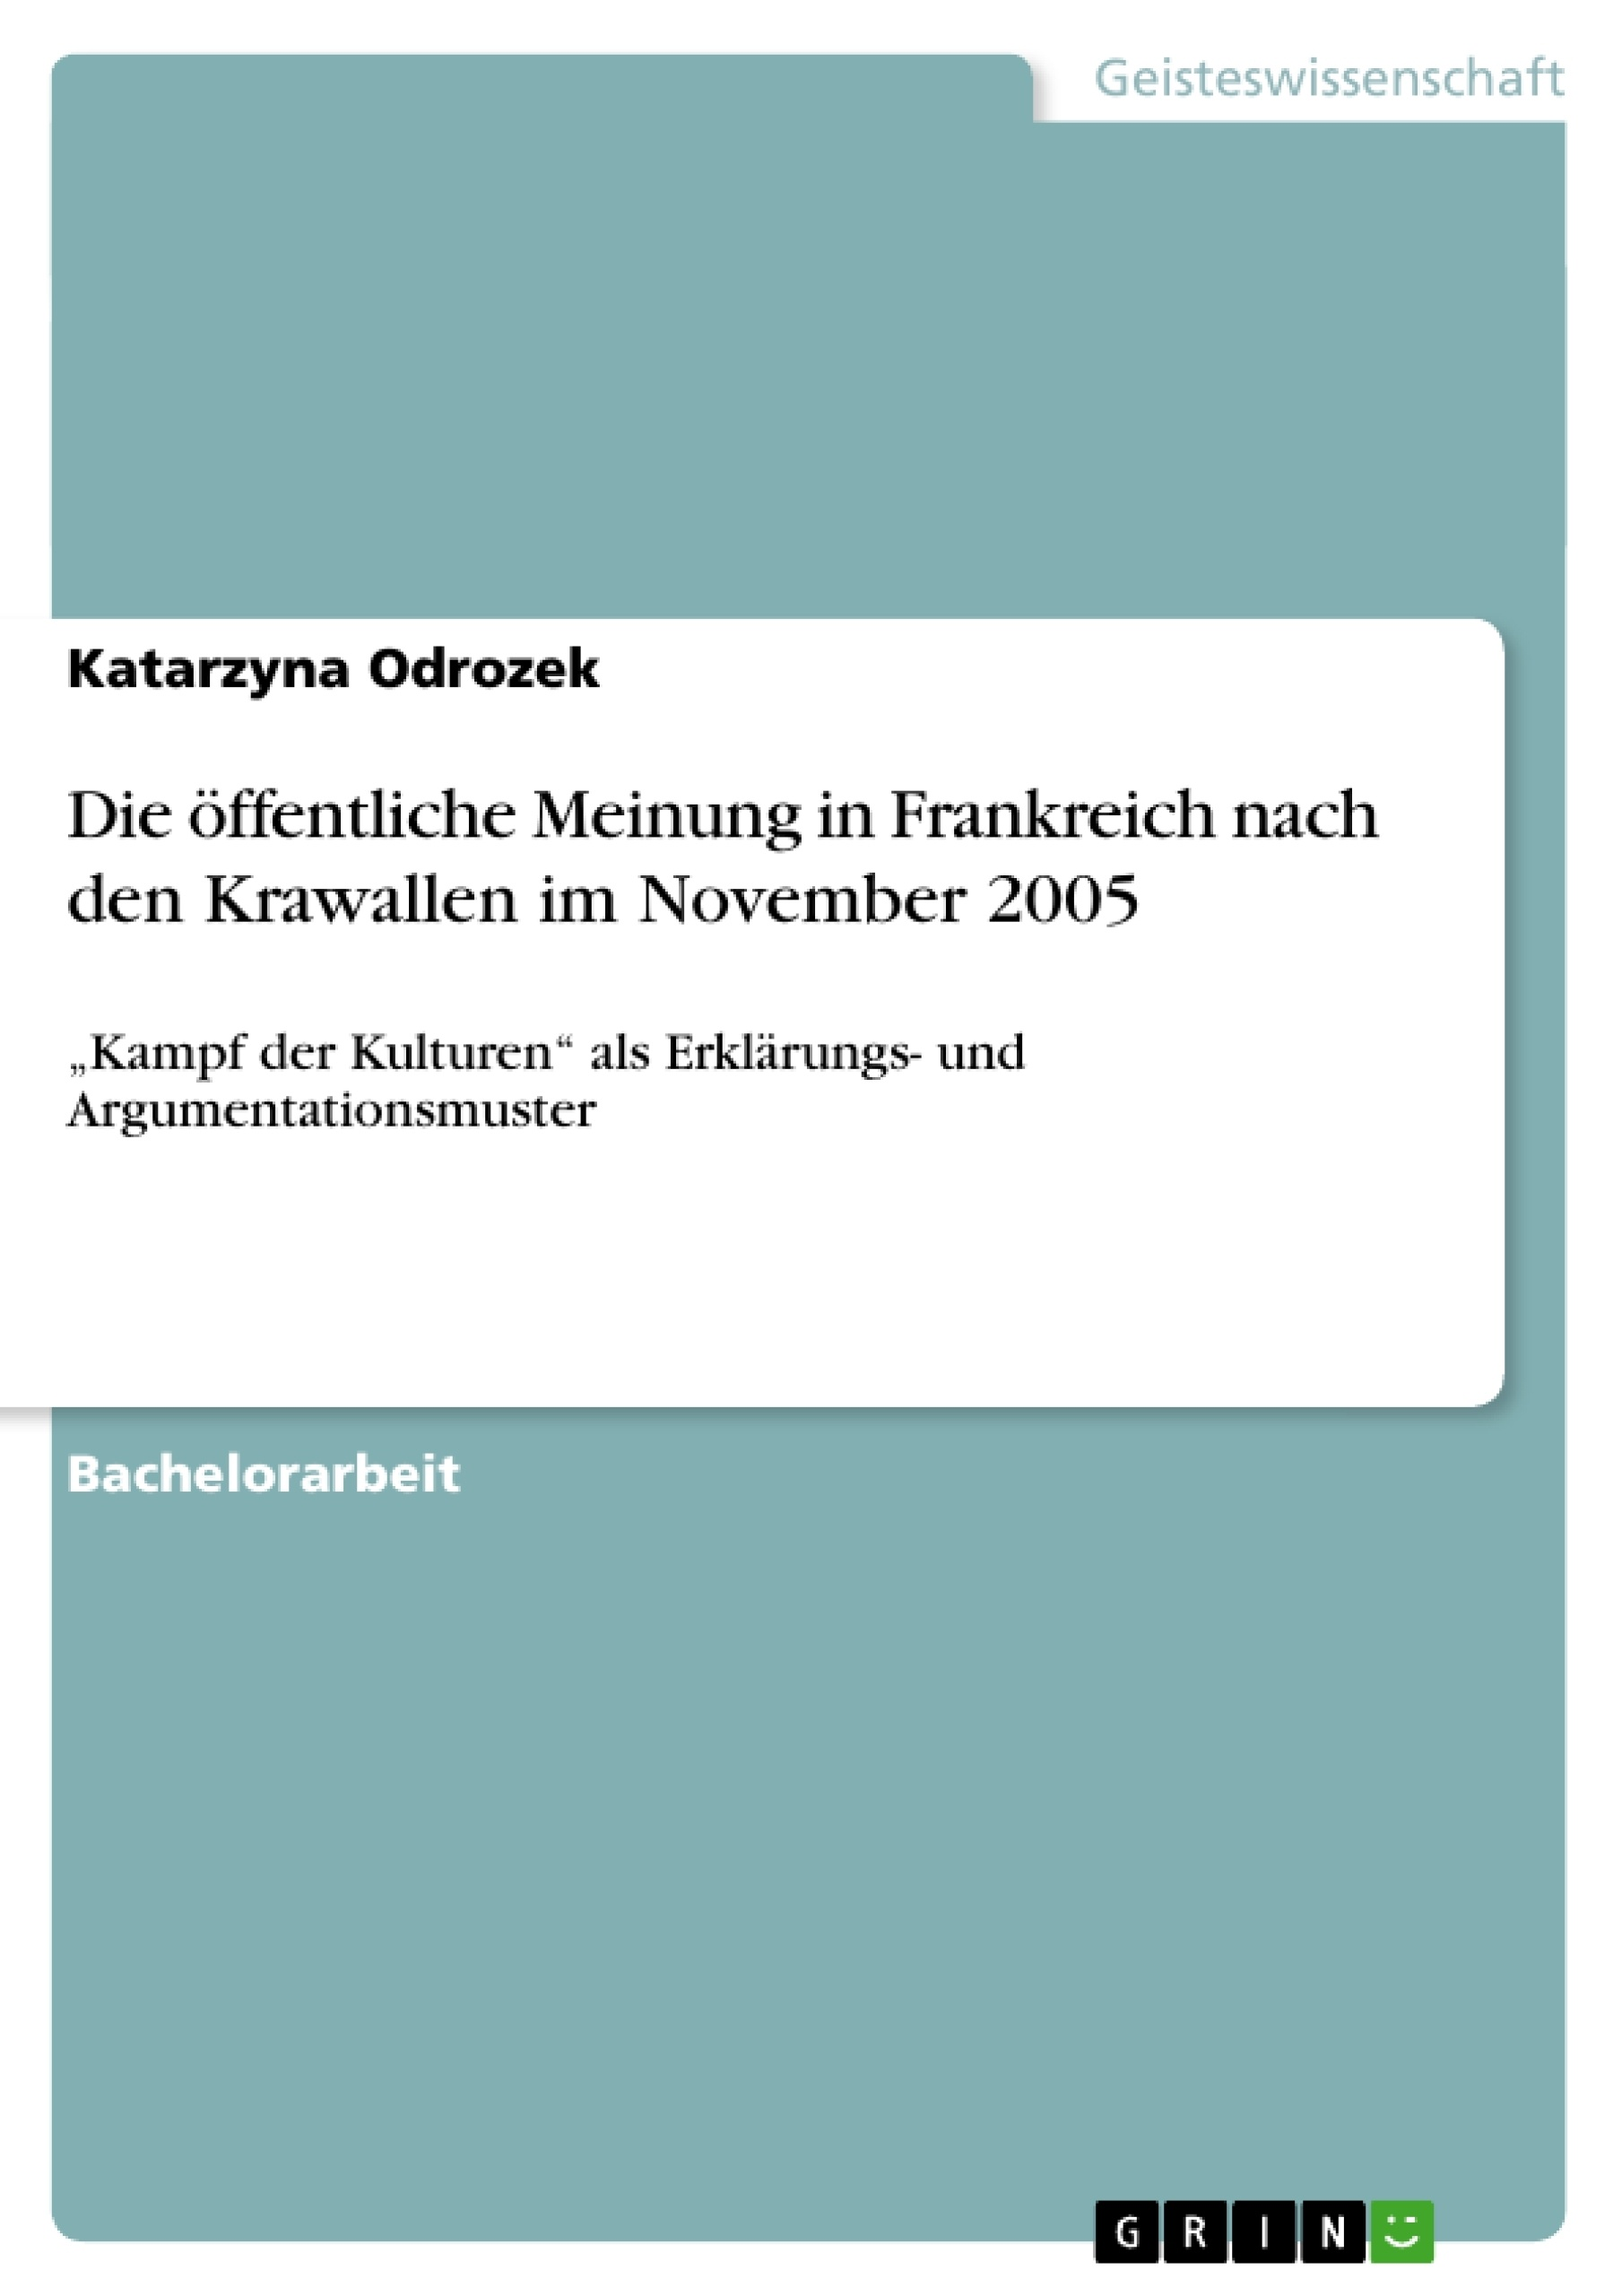 Titel: Die öffentliche Meinung in Frankreich nach den Krawallen im November 2005